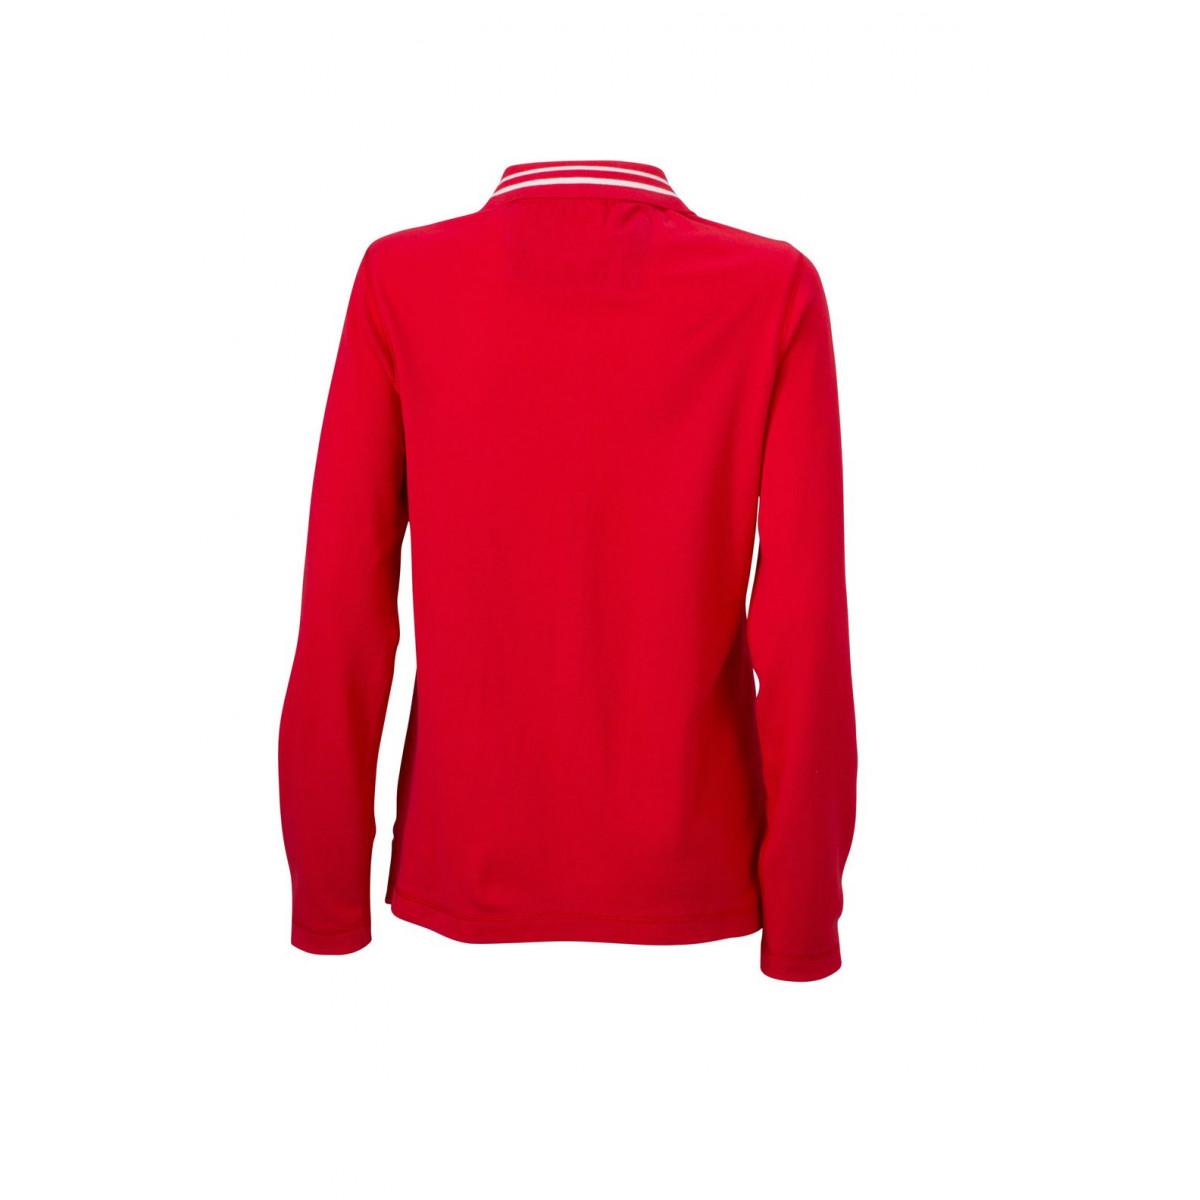 Рубашка поло женская JN967 Ladies Polo Long-Sleeved - Красный/Белый